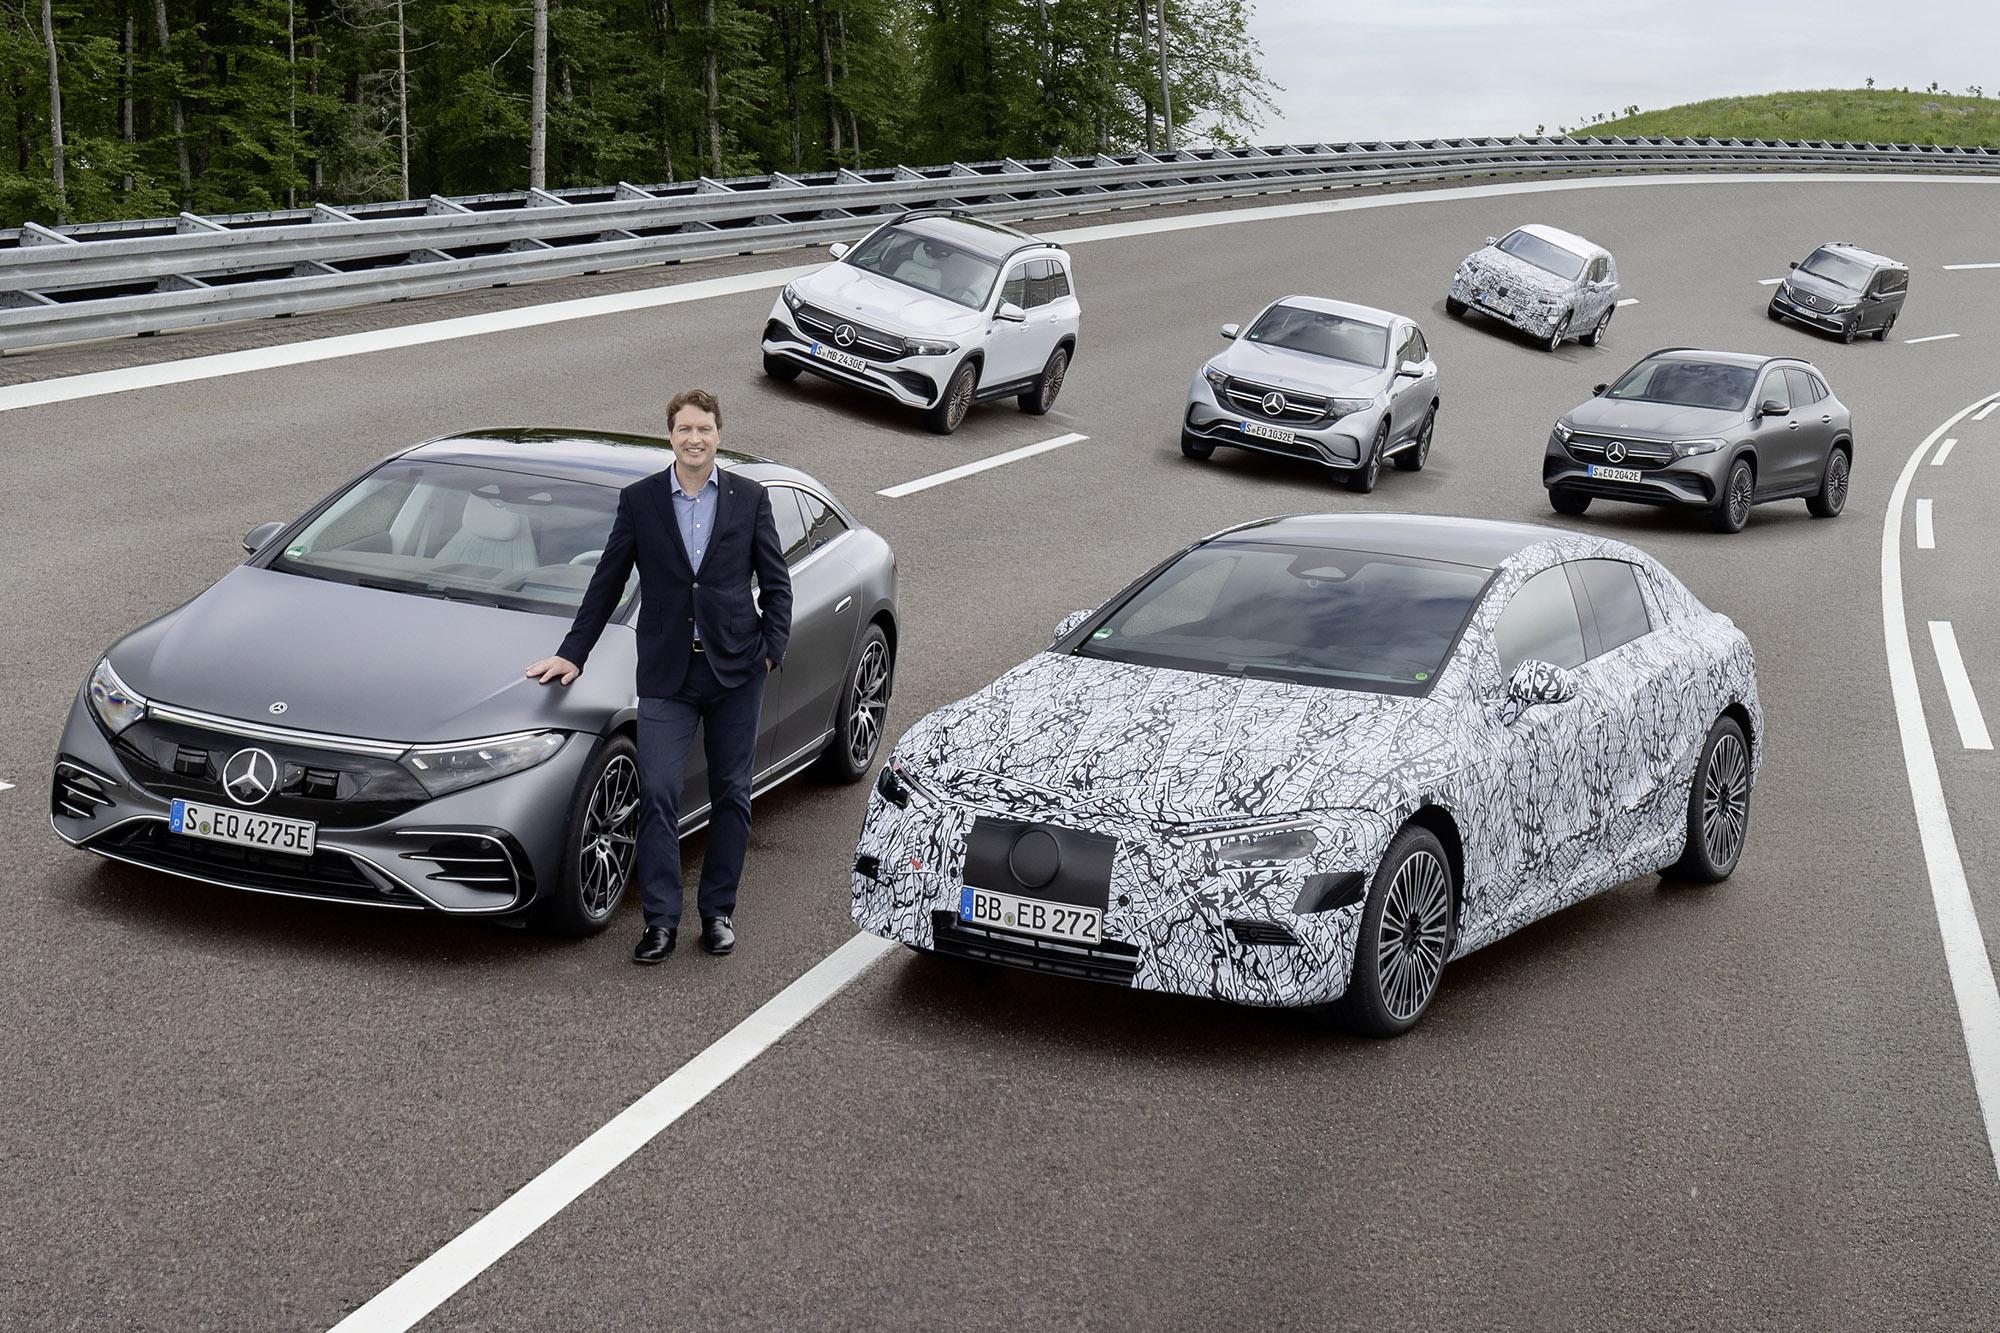 CEO da Mercedes, Ola Källenius, ao lado da família elétrica da marca com 7 modelos